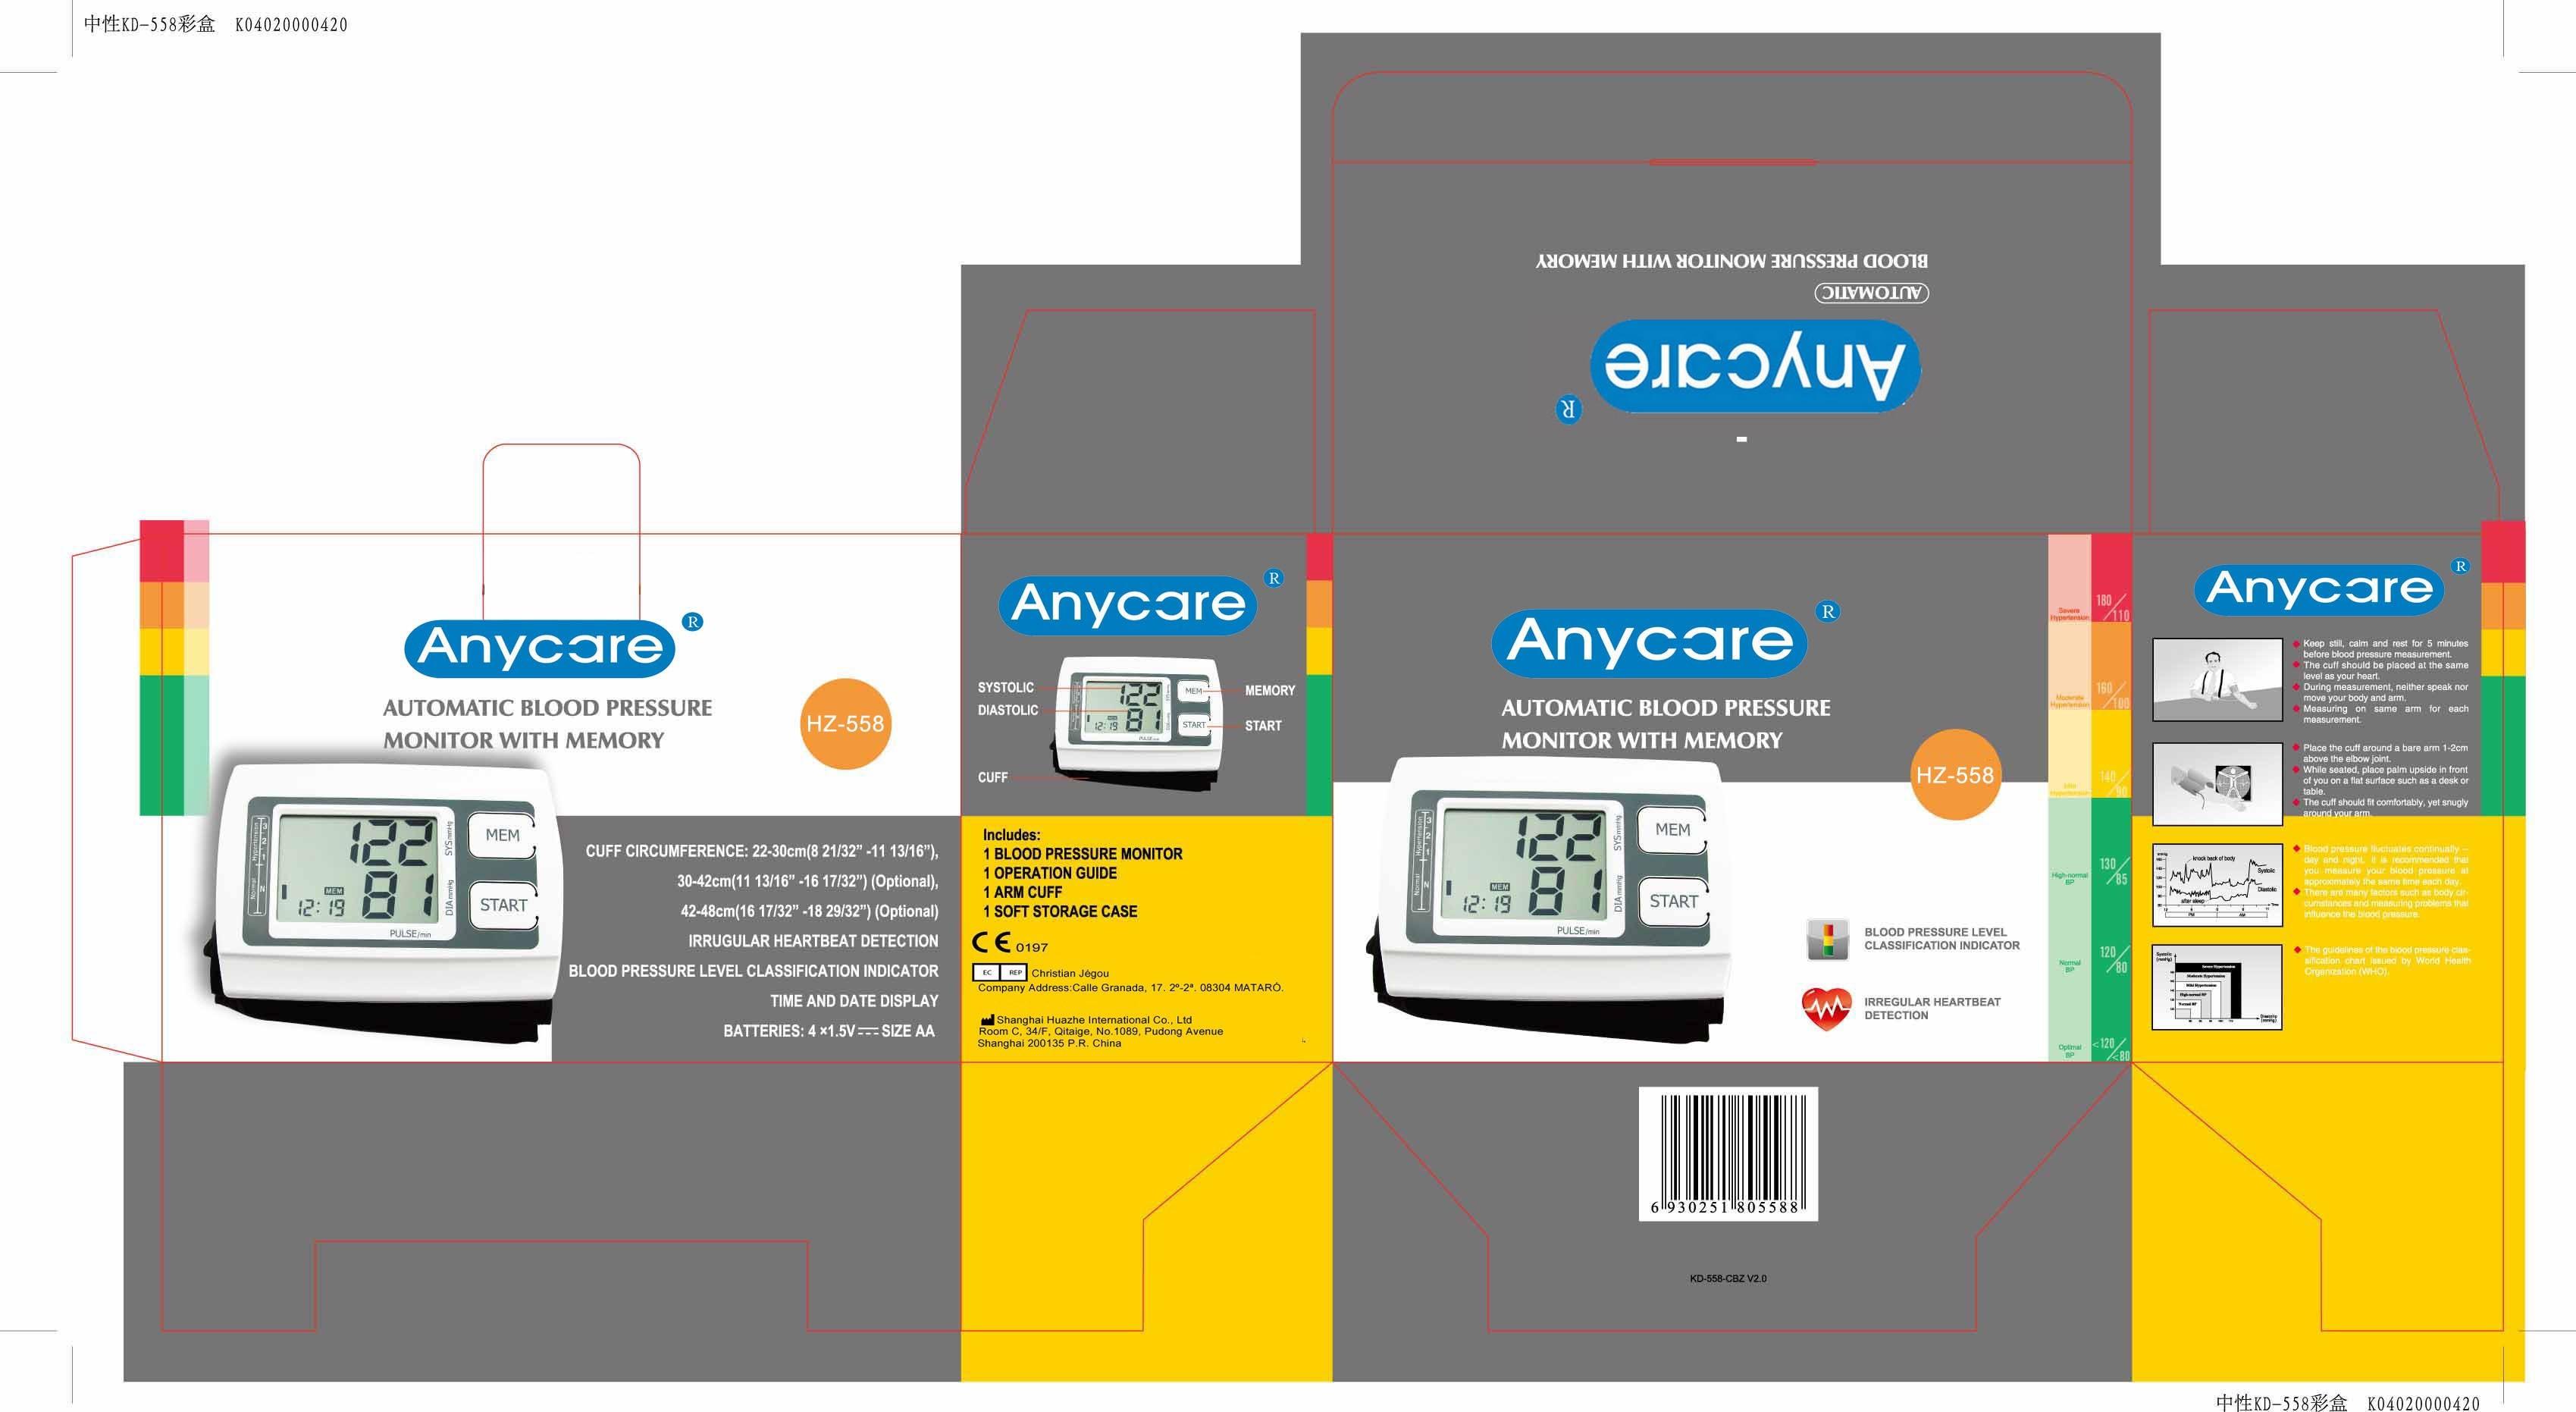 Arm Type Blood Pressure Monitor (Hz-558)